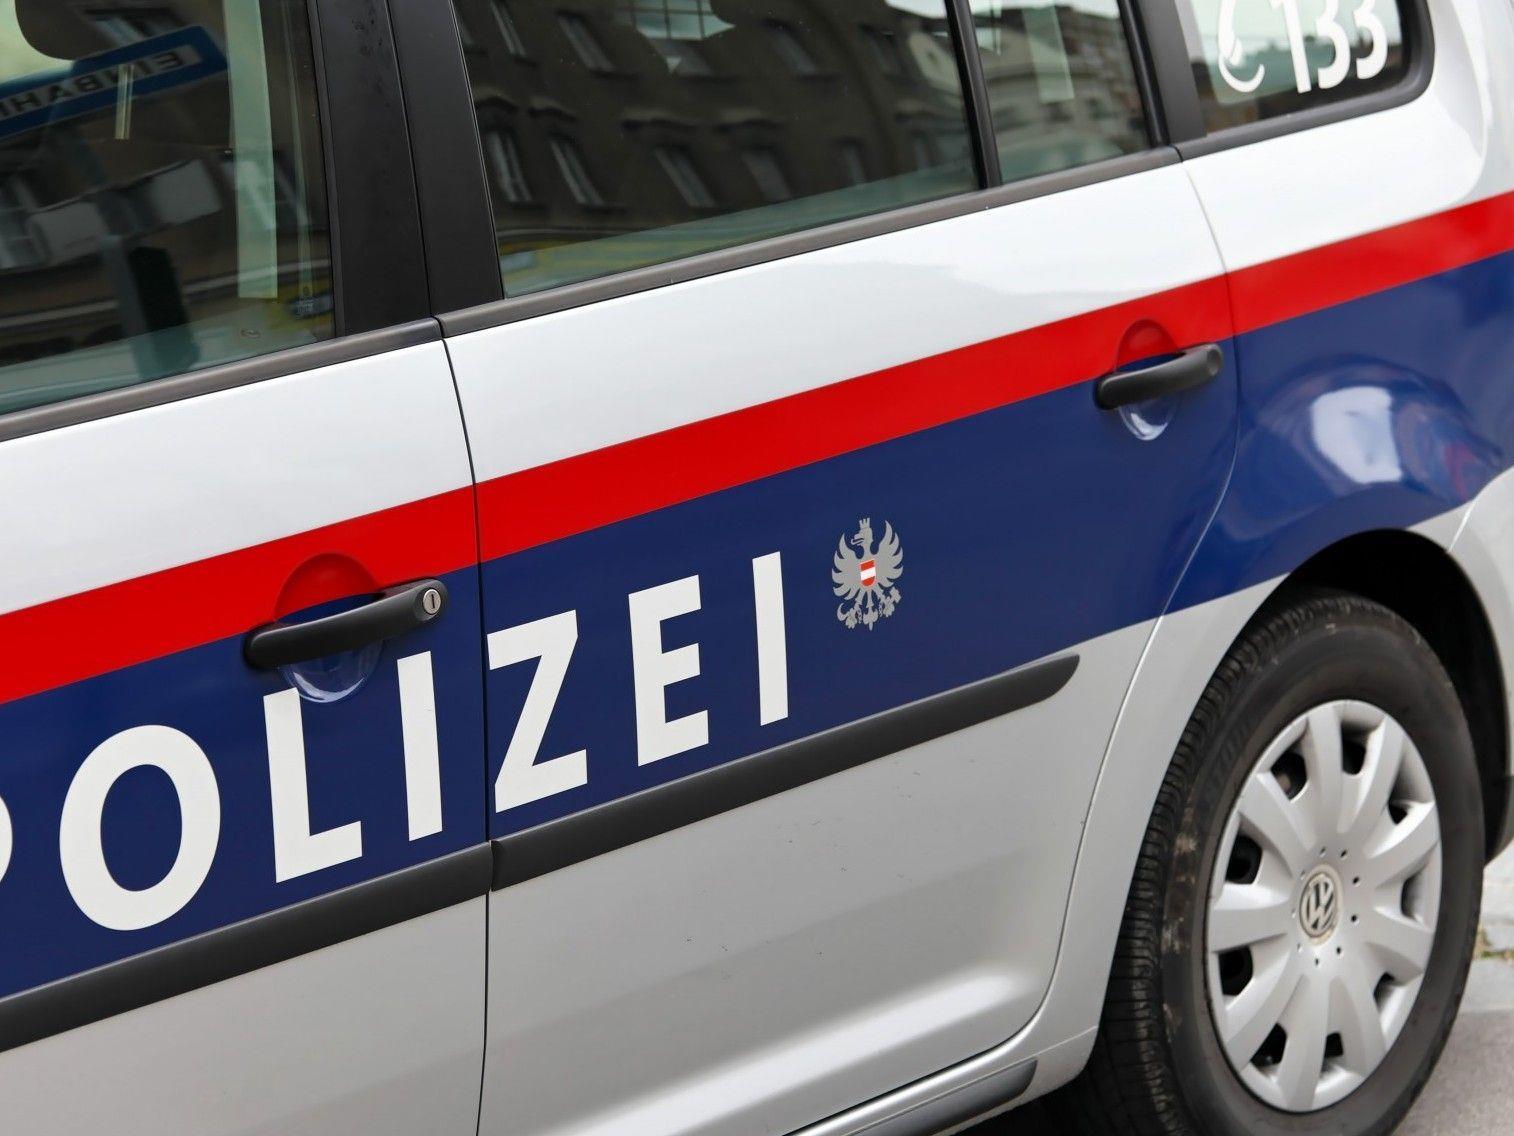 Nach dem Überfall auf das Pärchen in Weidlingbach sind keine weiteren Hinweise eingegangen.